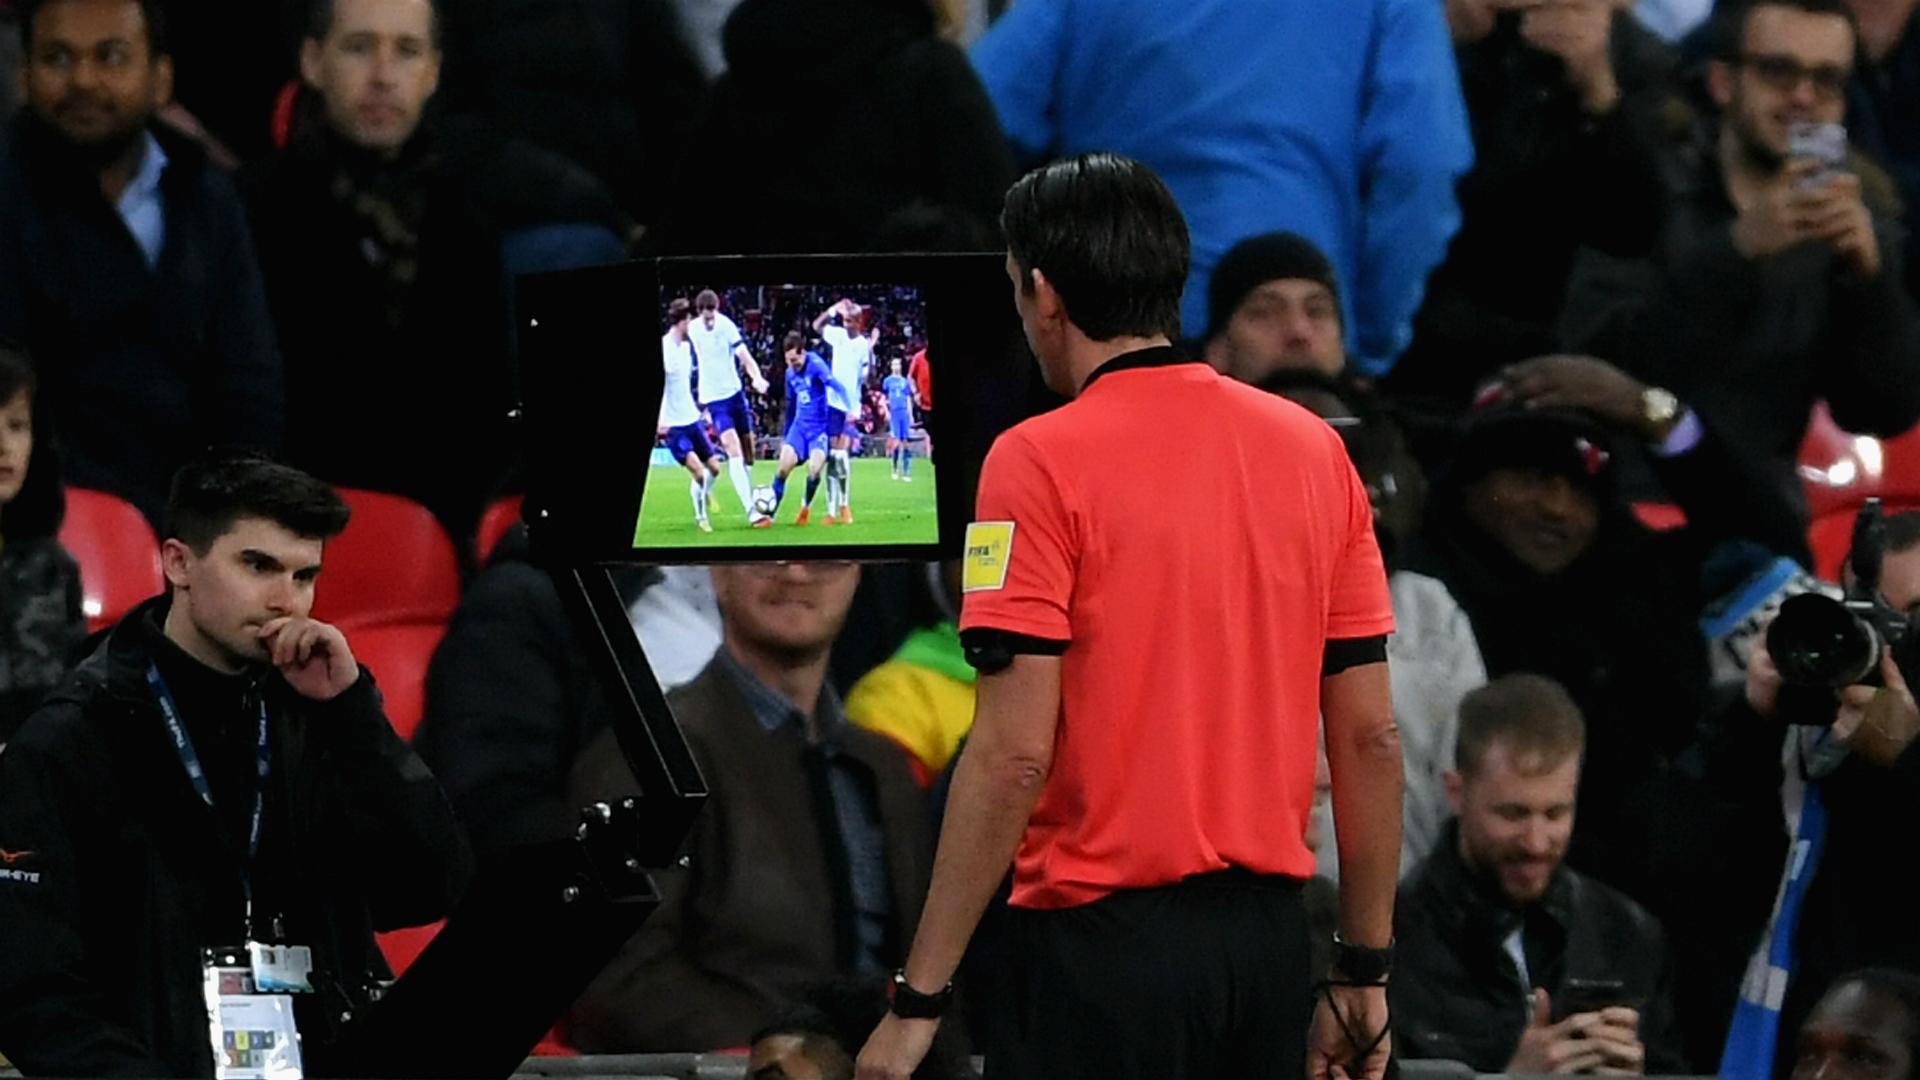 Deniz Aytekin England Italy VAR penalt? decision 03272018